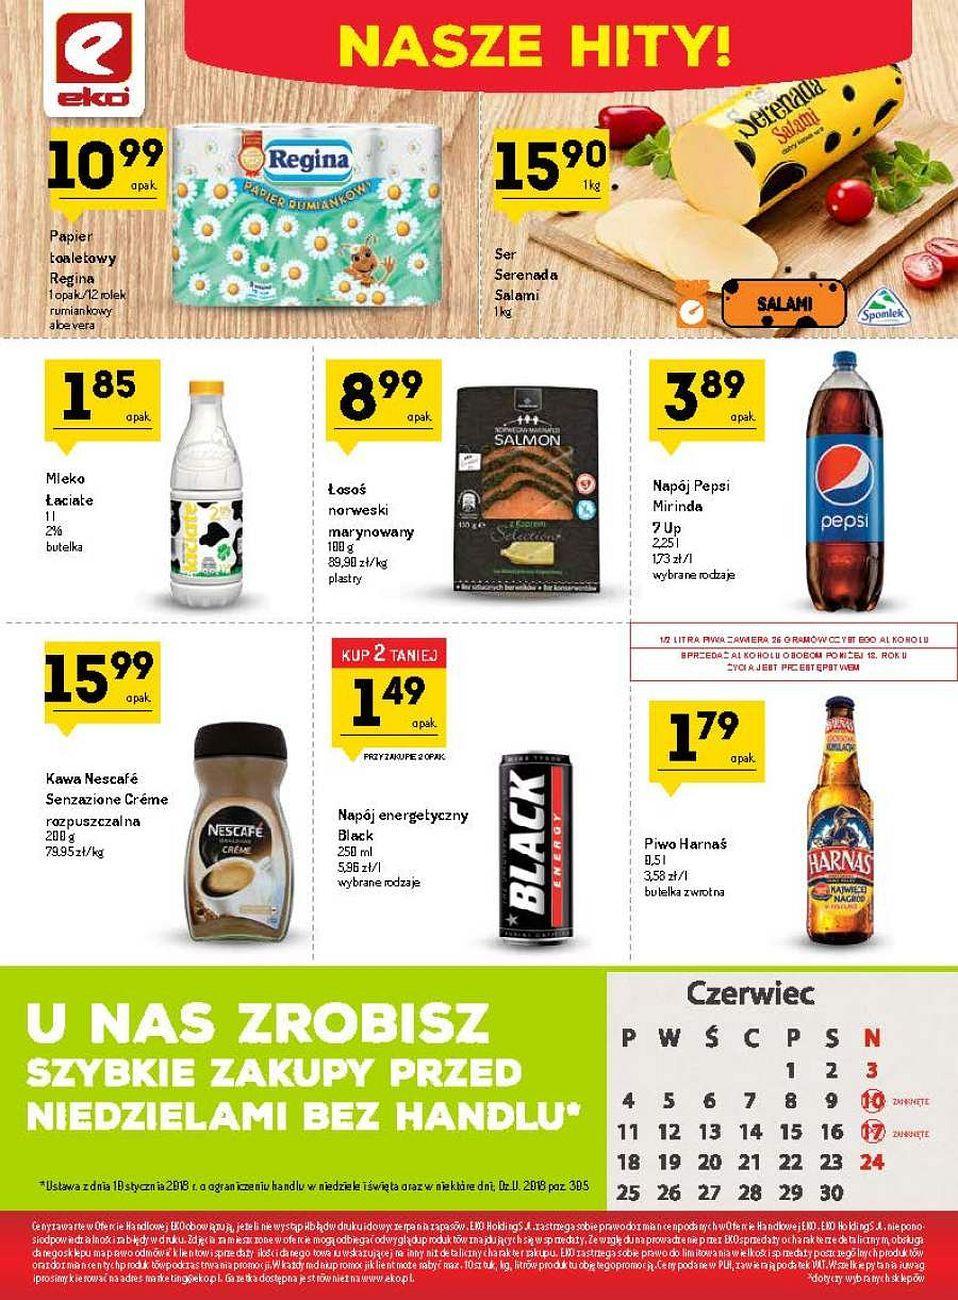 Gazetka promocyjna EKO do 27/06/2018 str.11